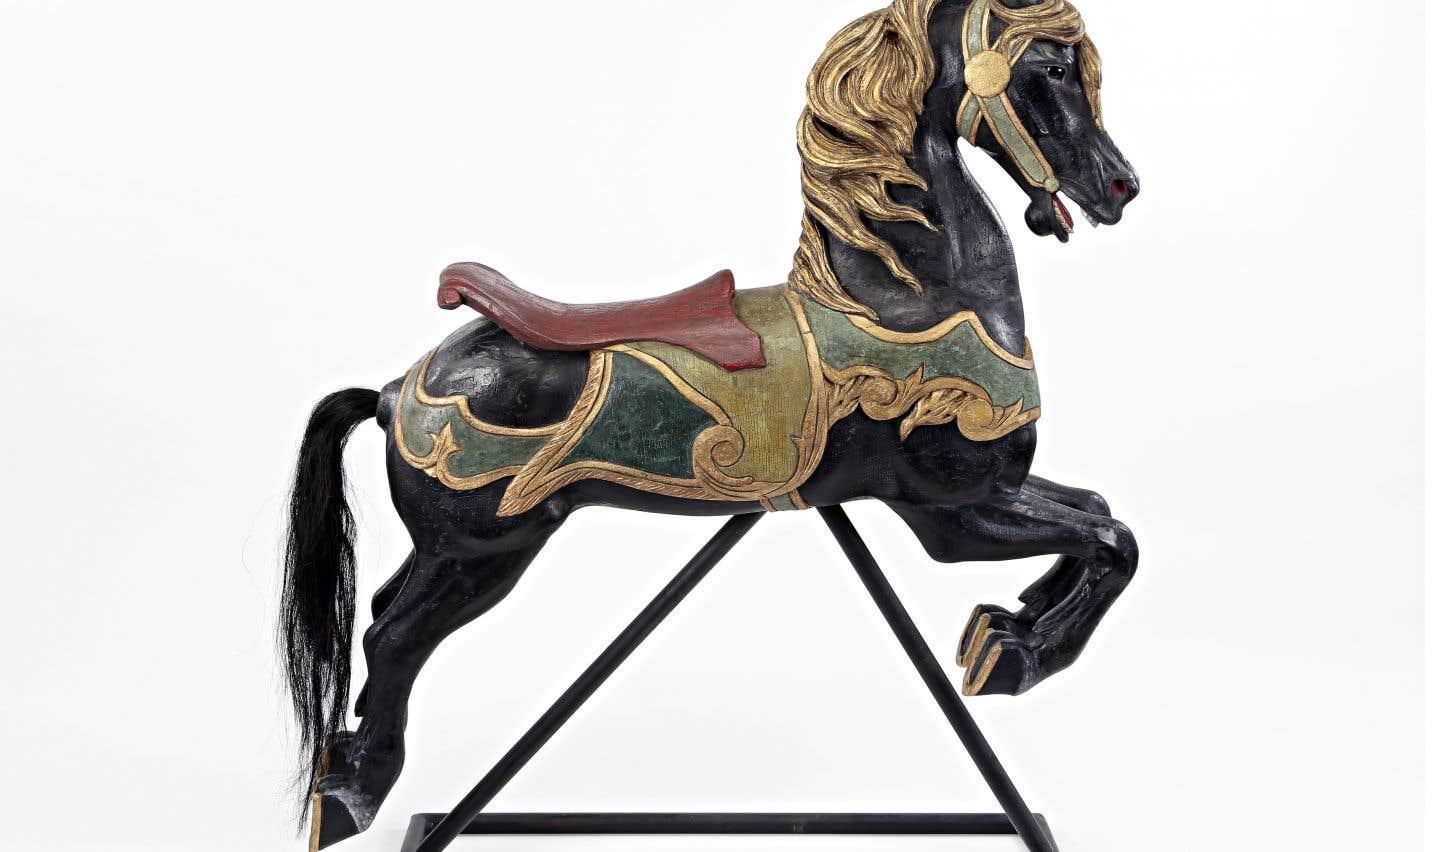 Cheval de carrousel (1900-1950)